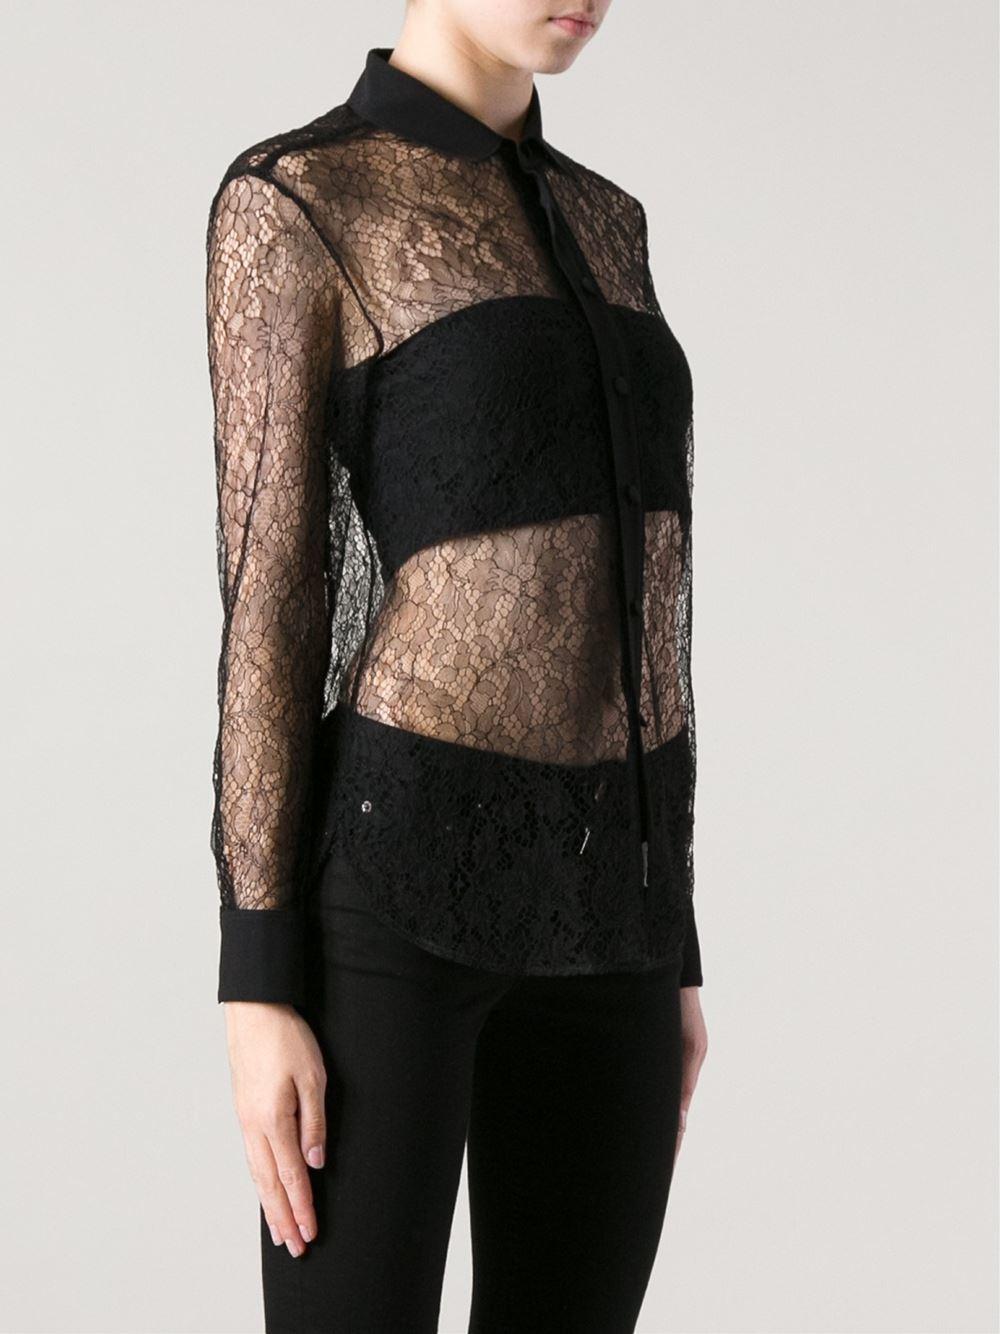 Saint Laurent Sheer Shirt - Eraldo - Farfetch.com